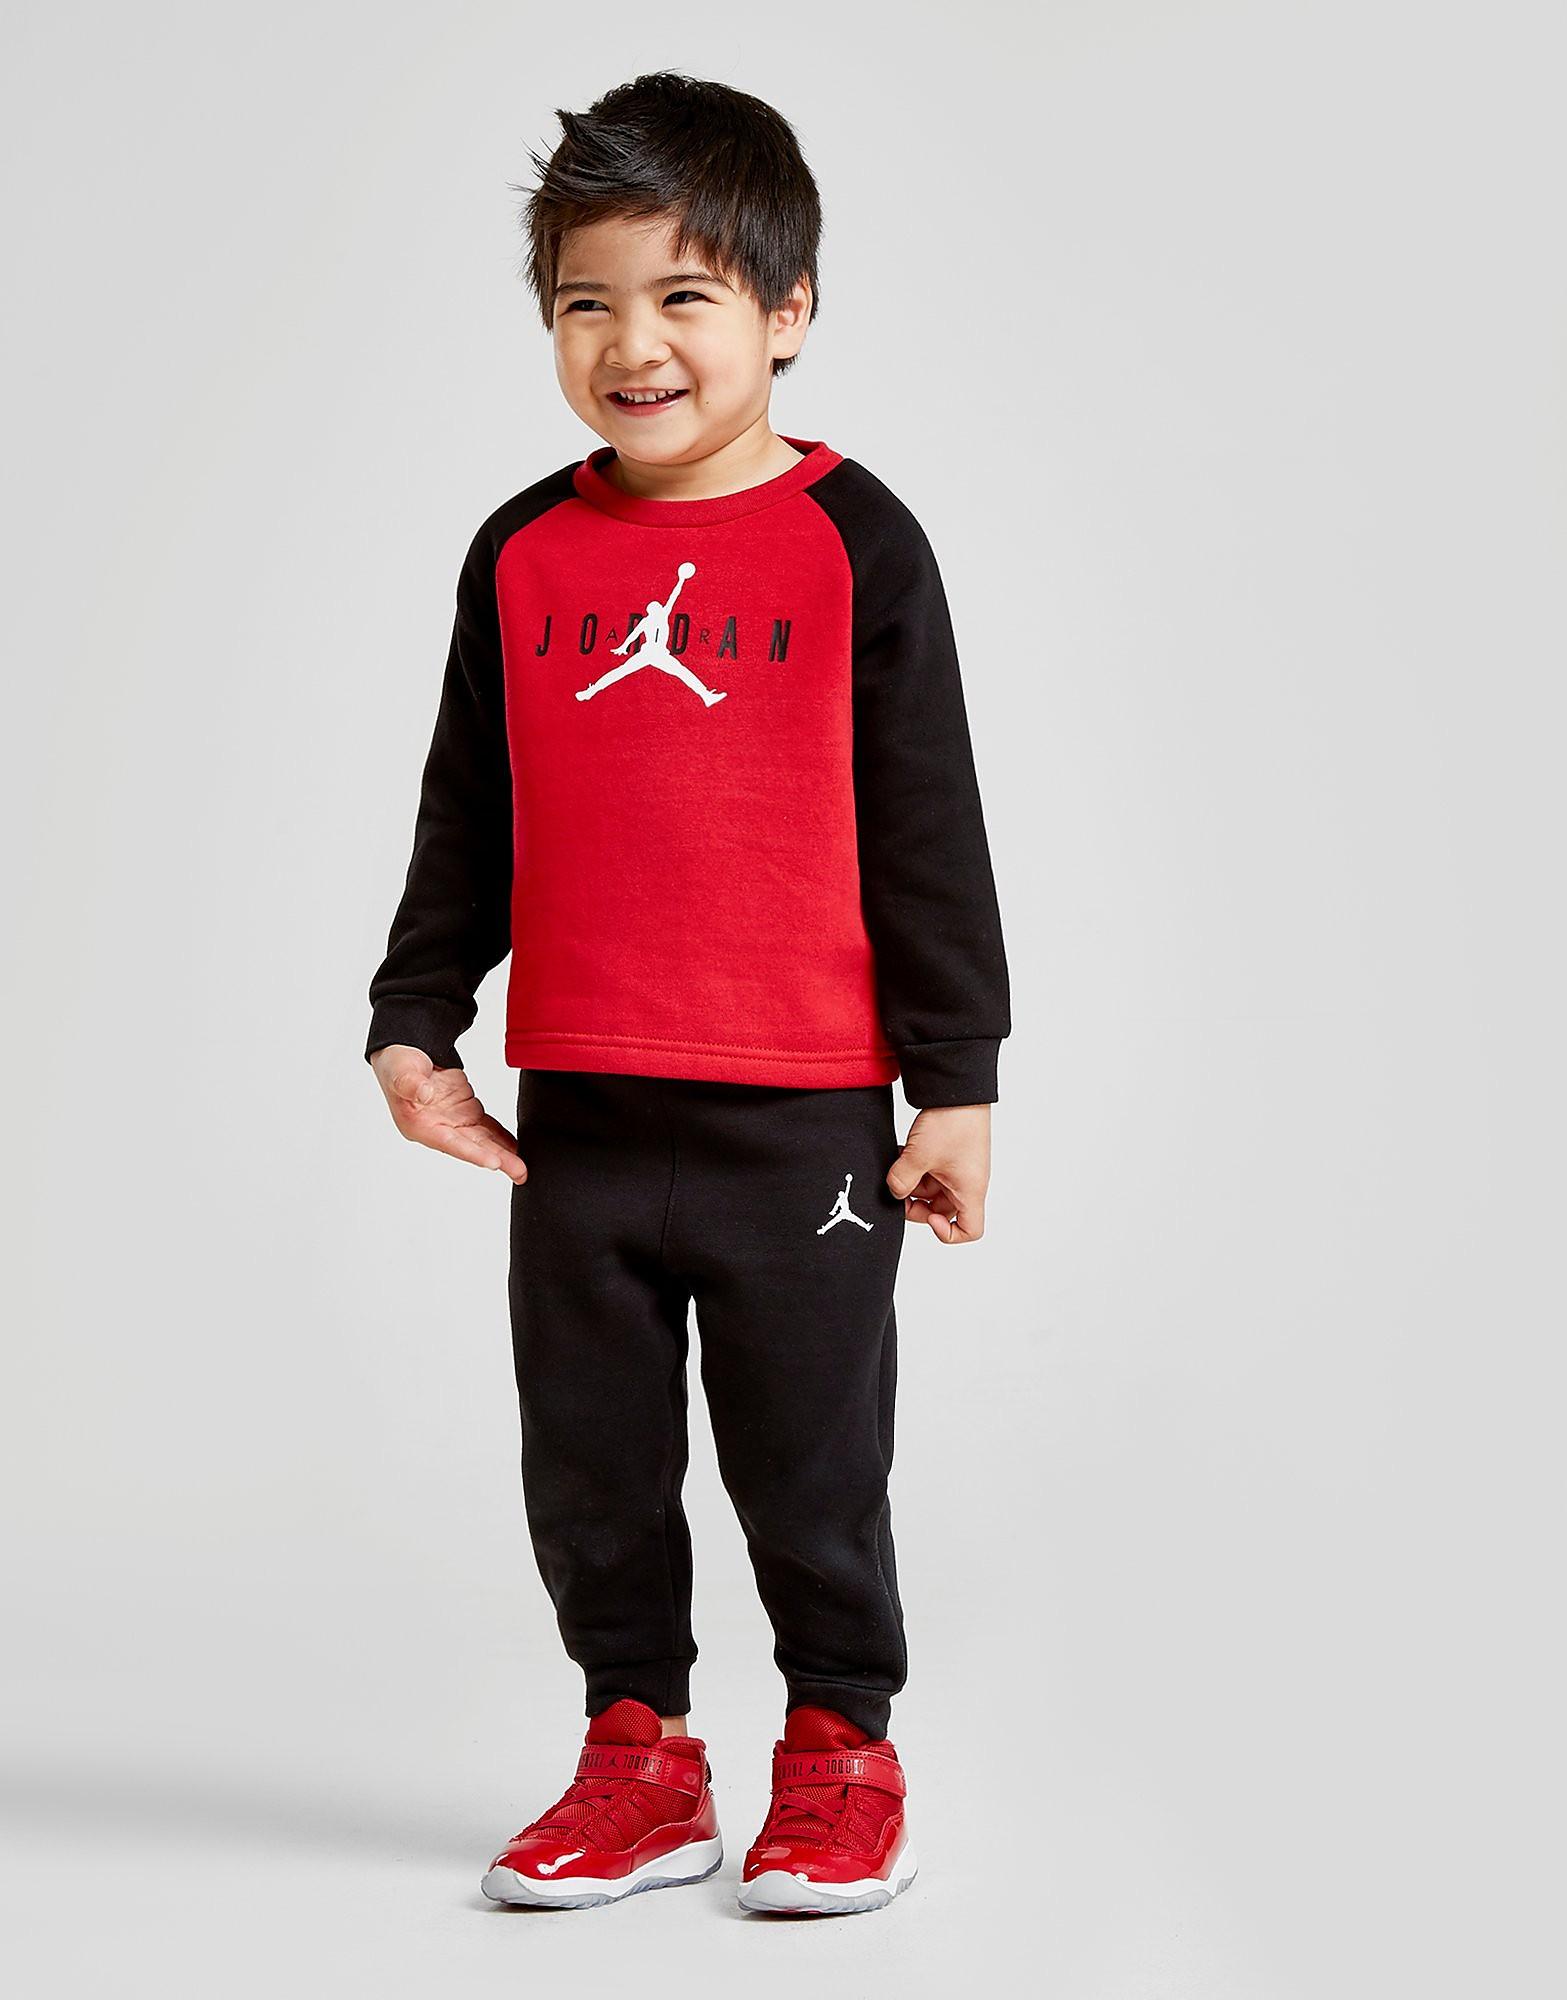 Jordan Colour Block Crew Suit Infant - alleen bij JD - Rood - Kind